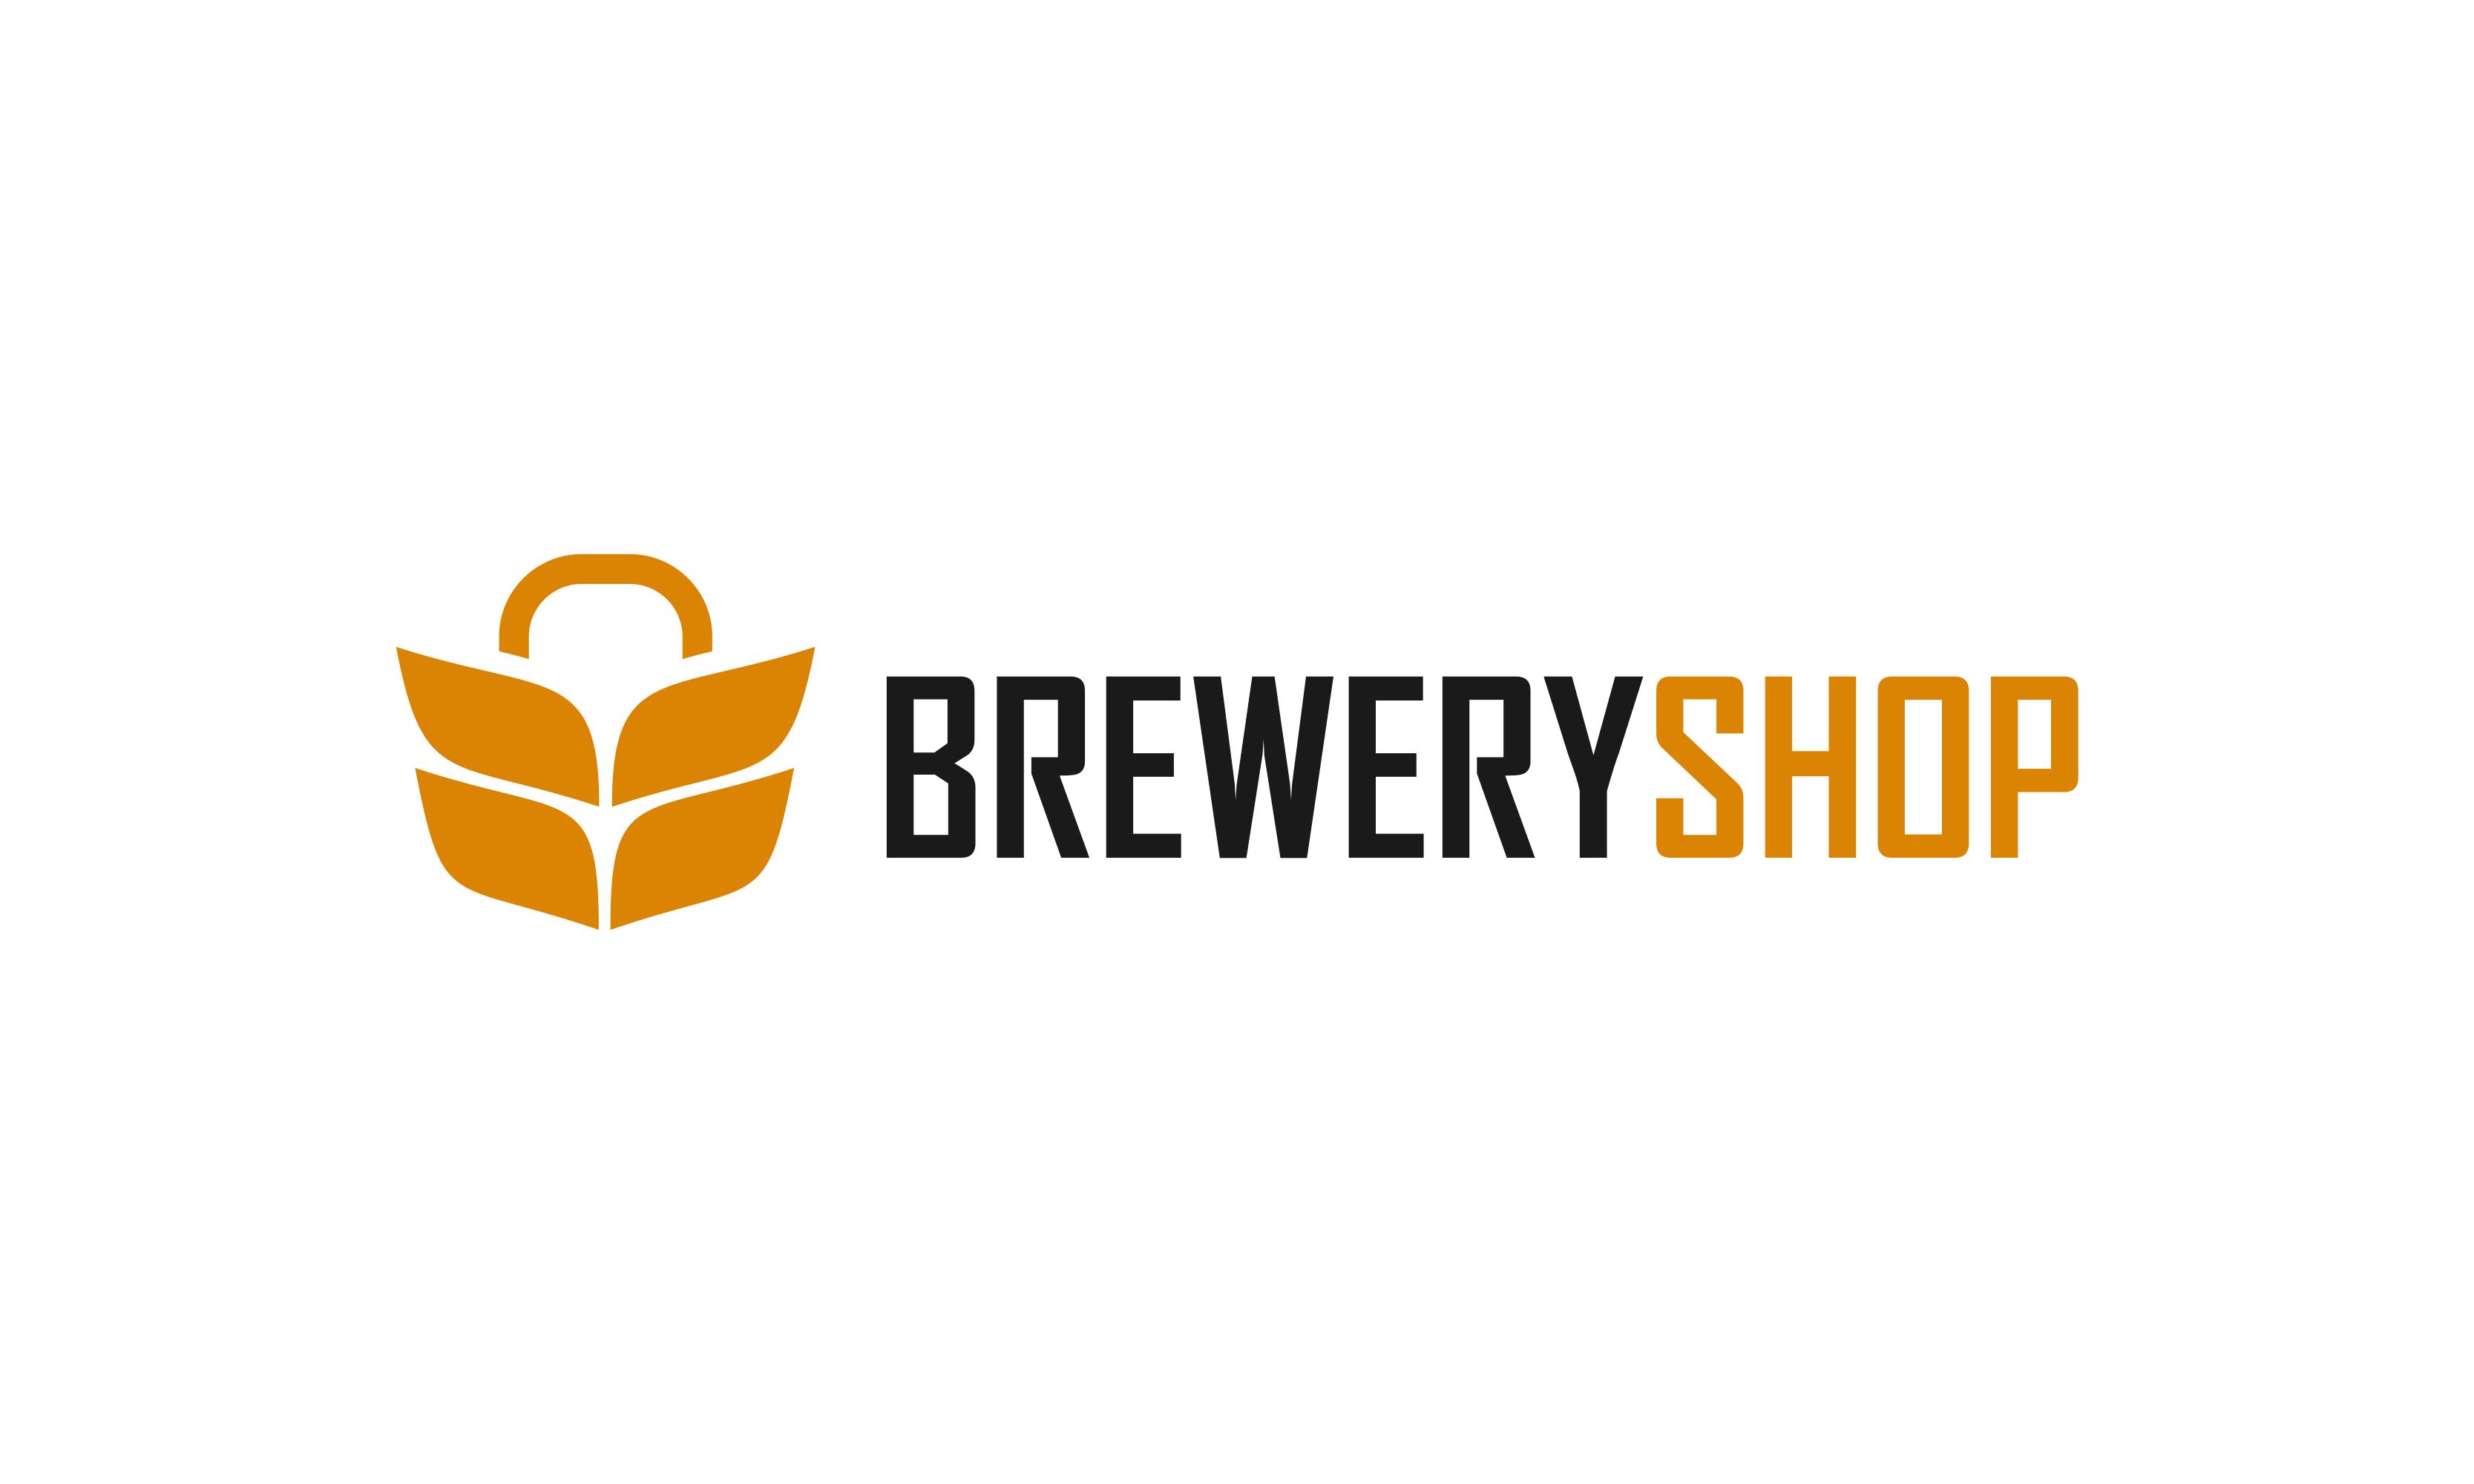 Breweryshop